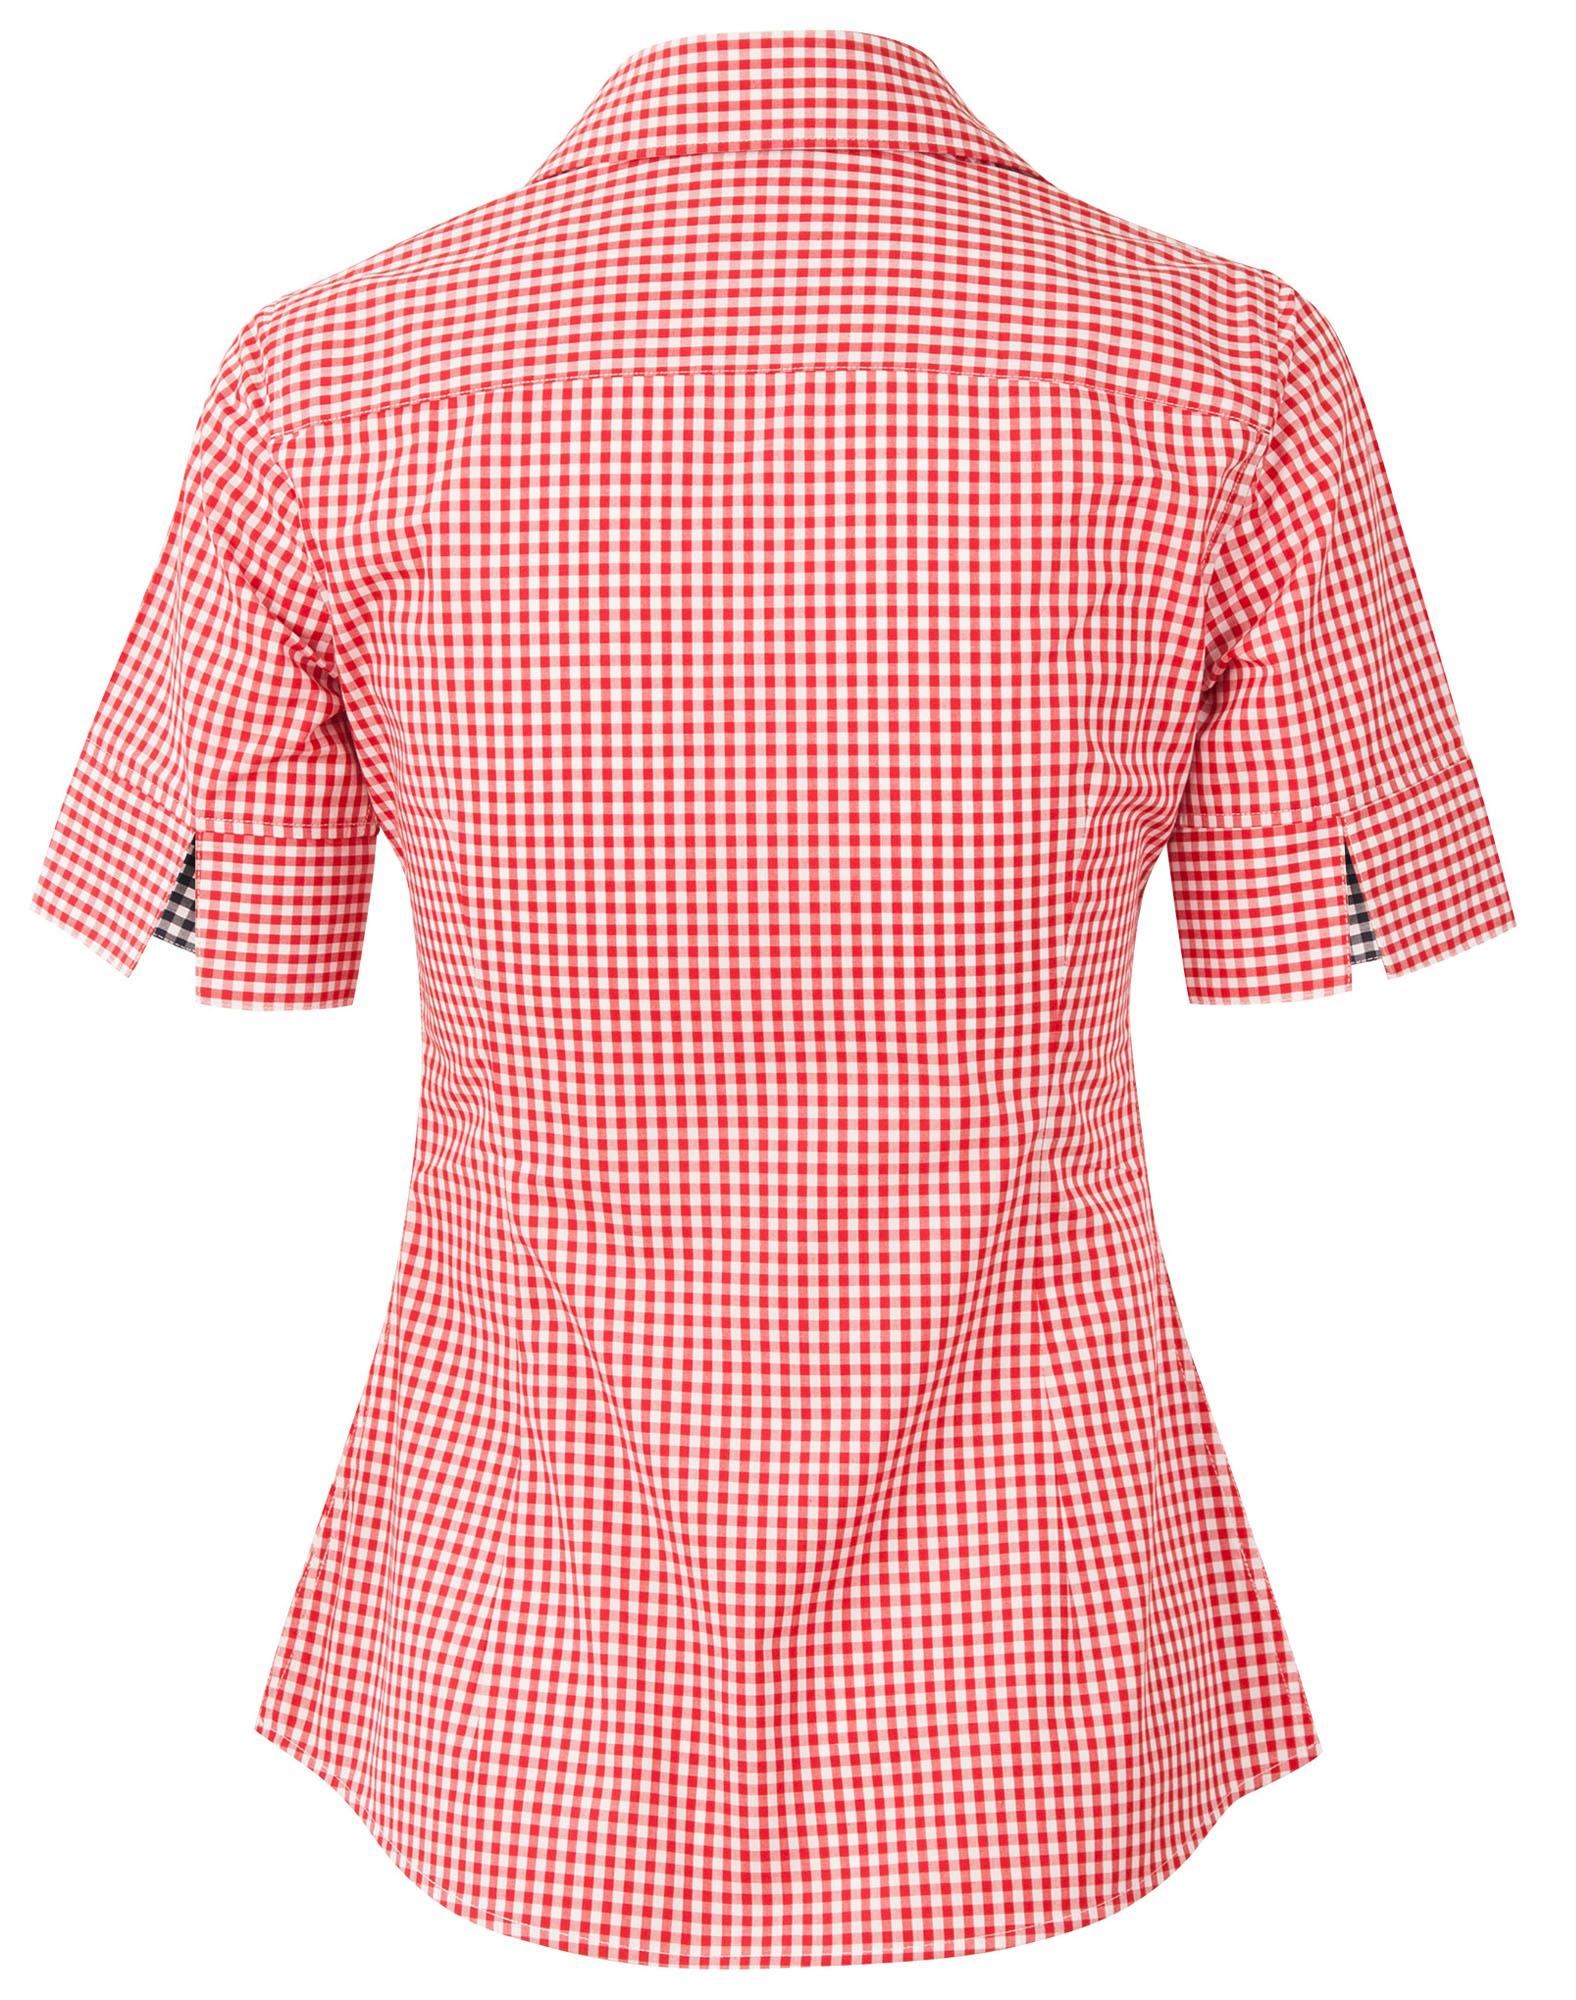 Amazoncom gingham shirts women